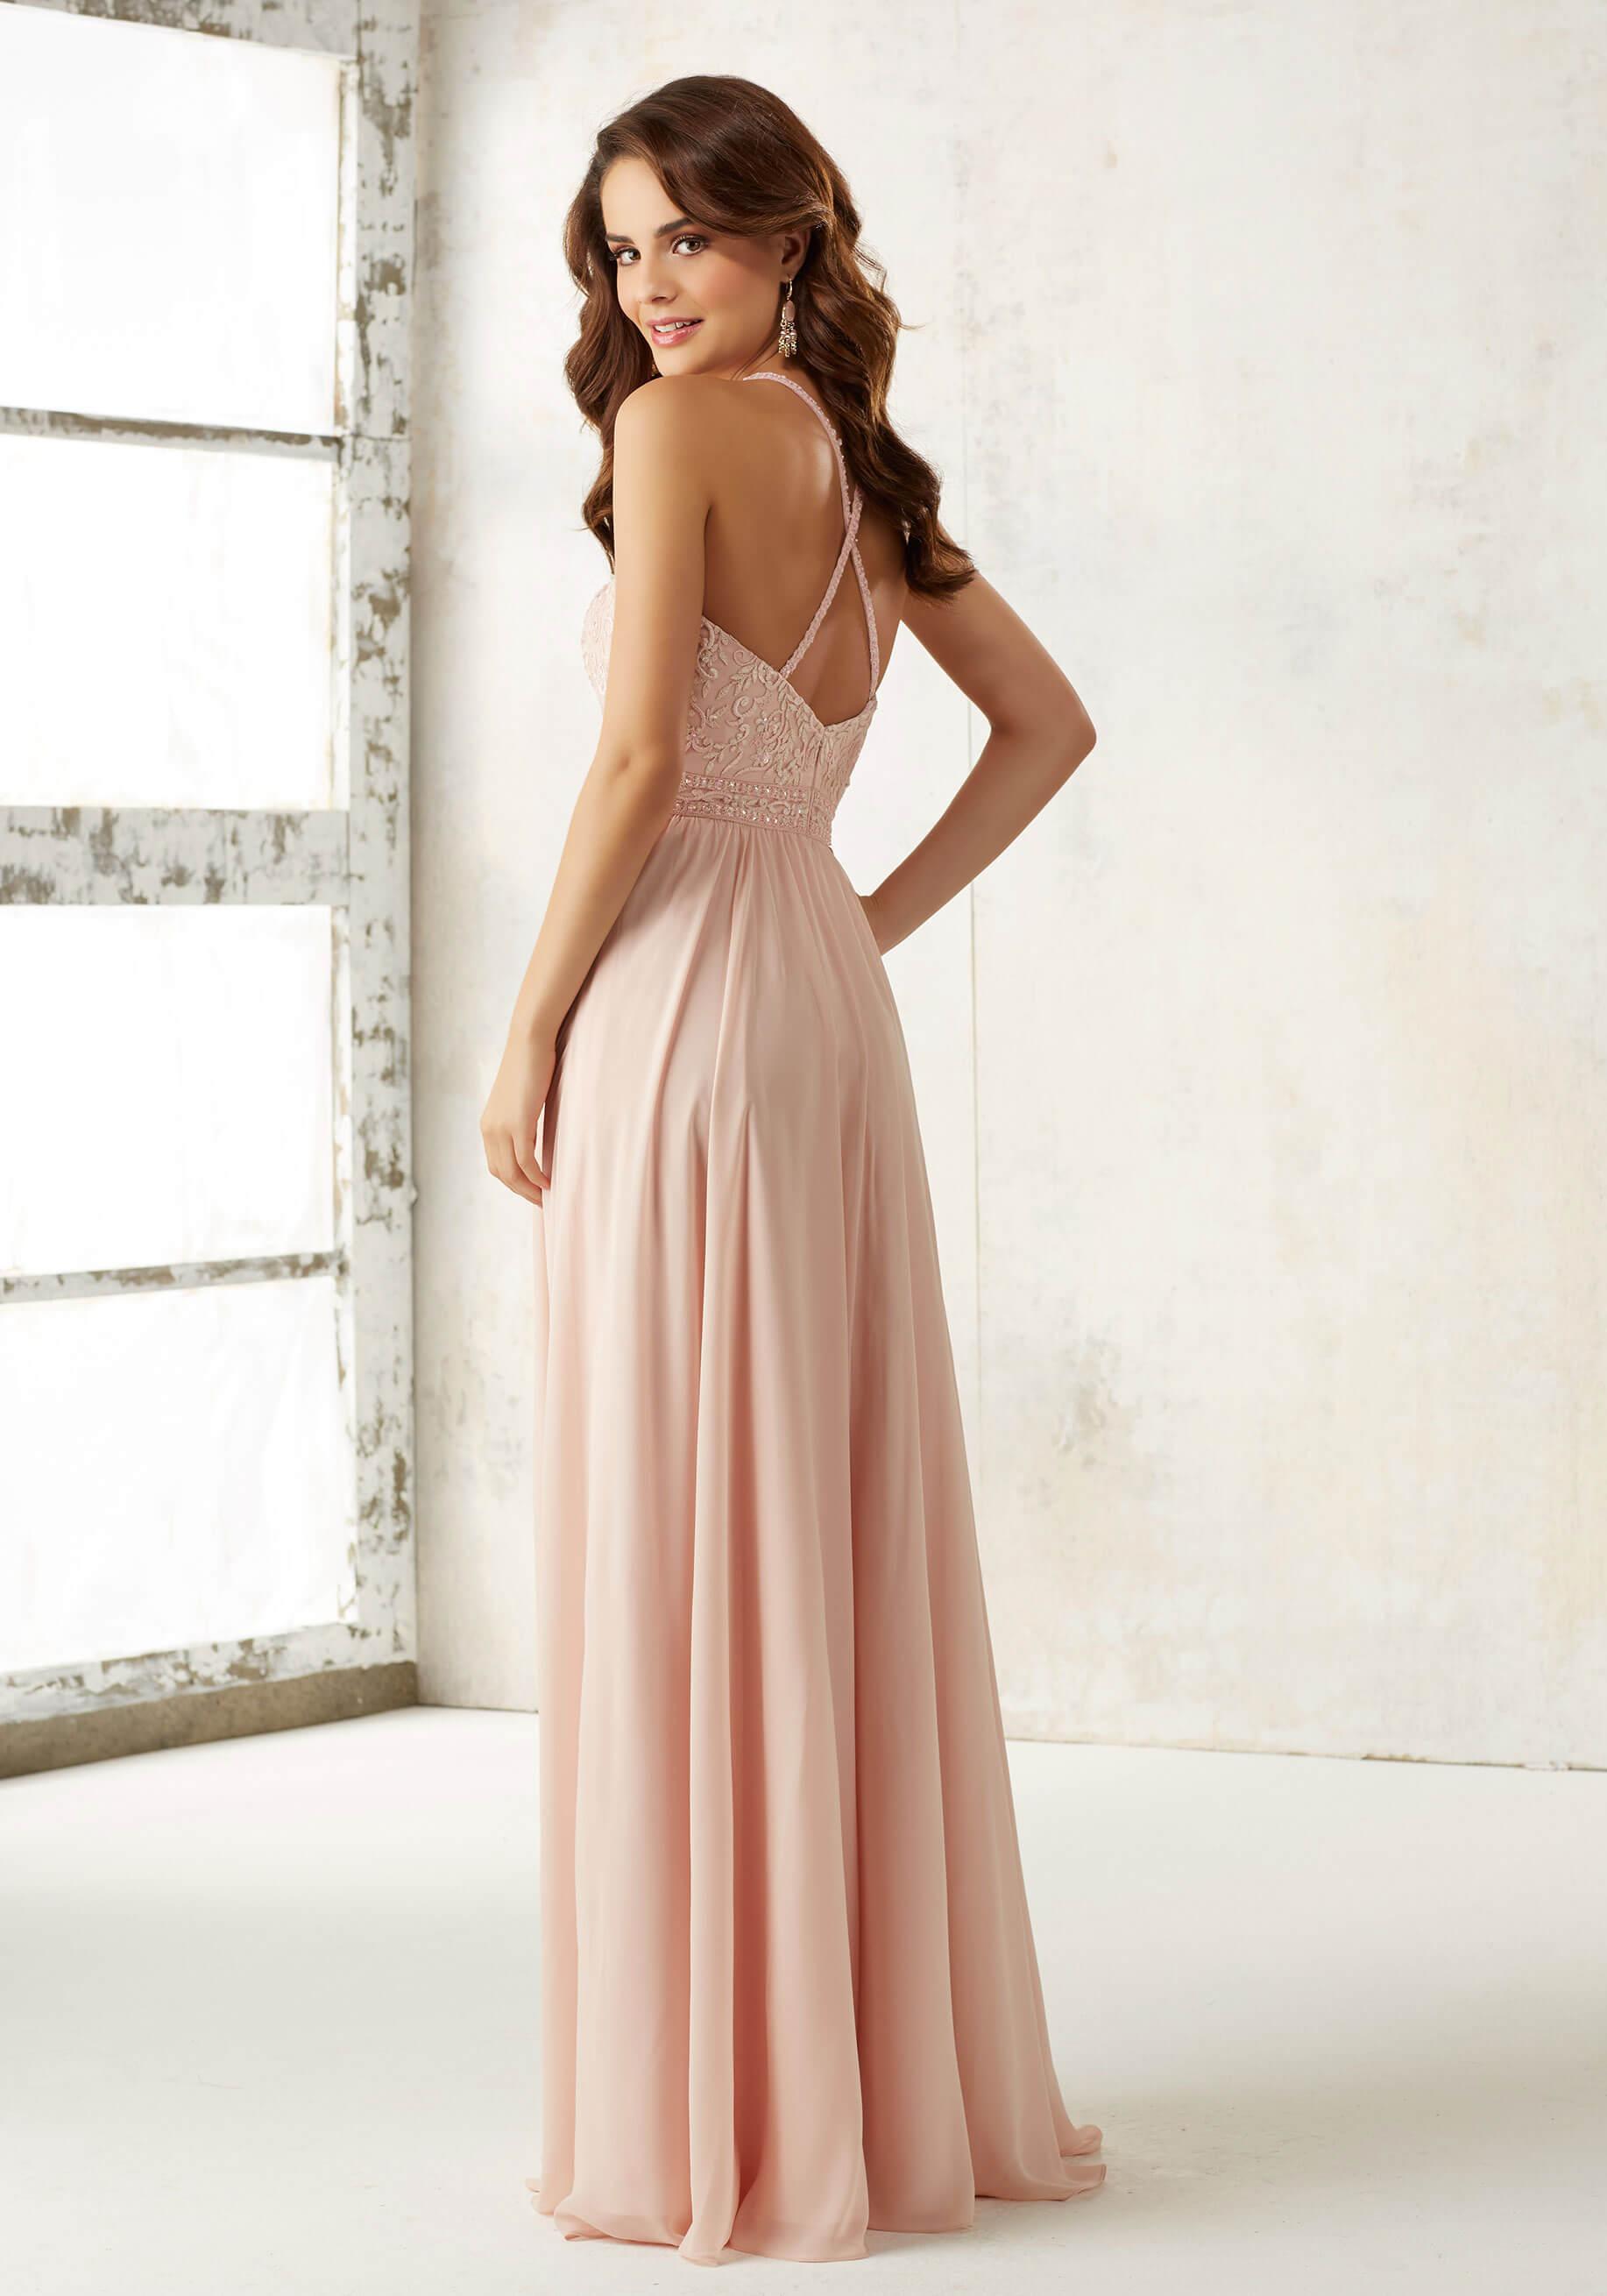 dolga_padajoca_lahkotna_vecerna_maturantska_obleka_s_cipko_blush_pink